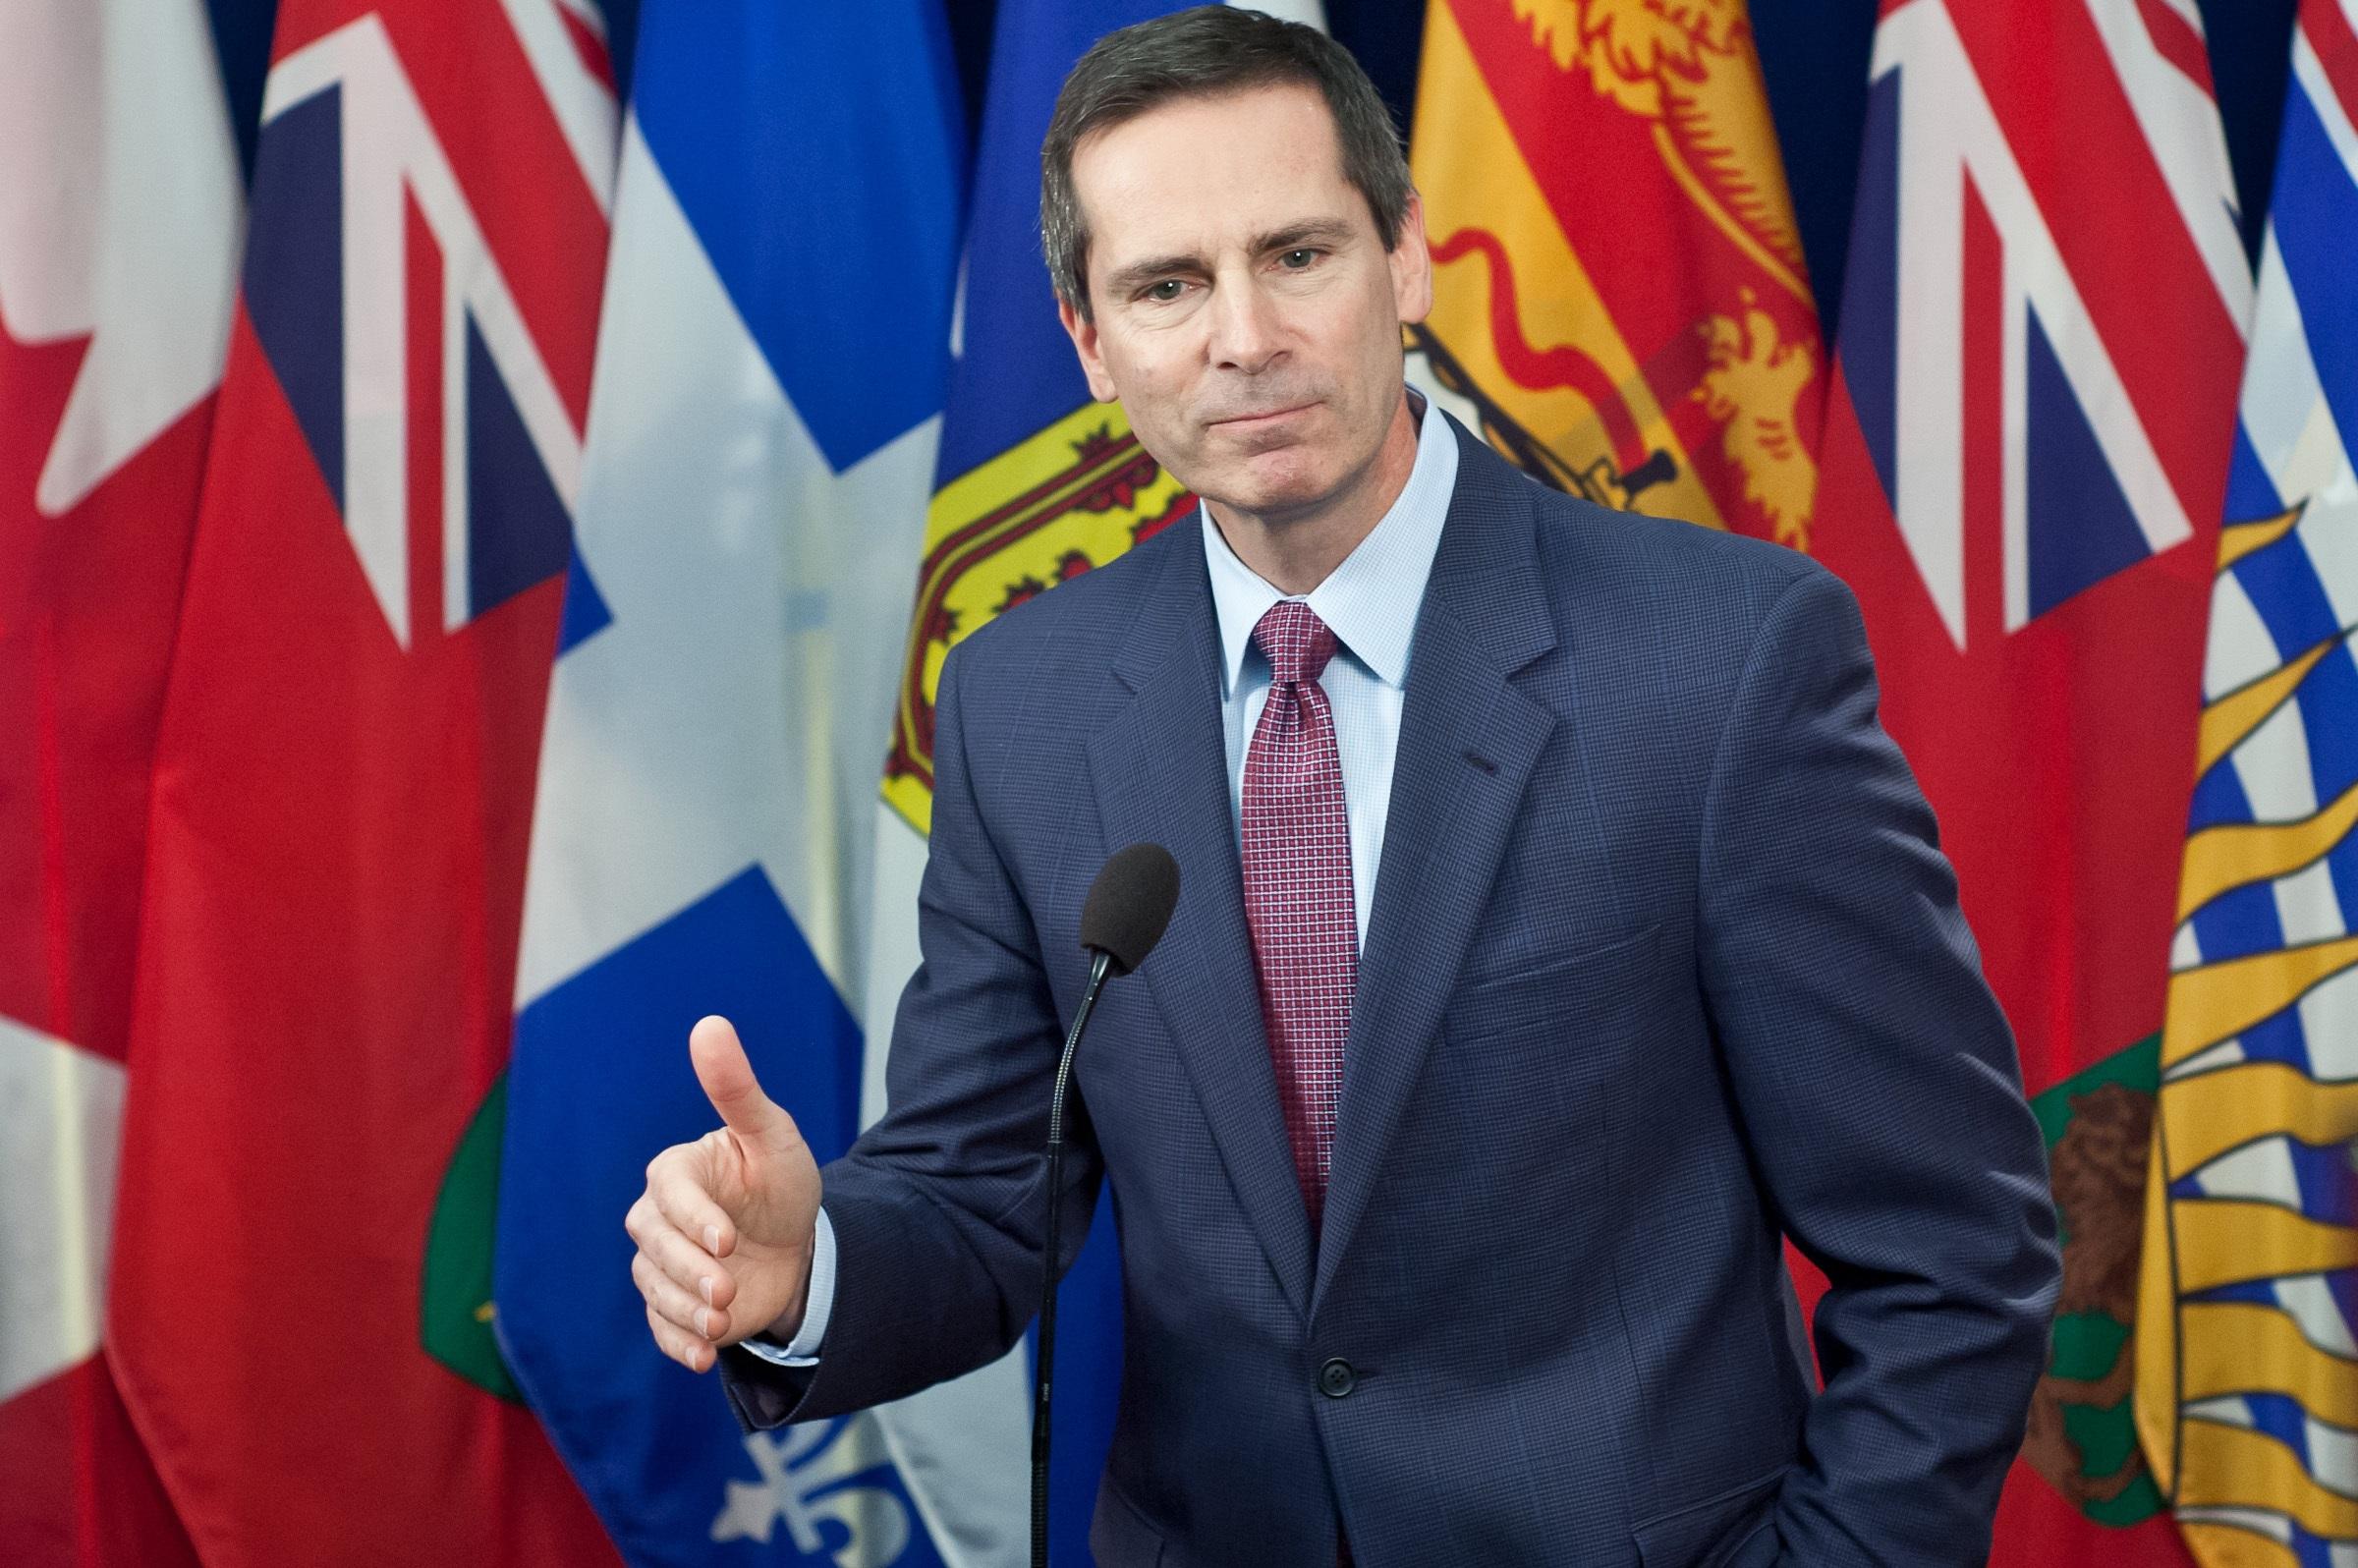 Dalton McGuinty debout devant les drapeaux des provinces canadiennes.